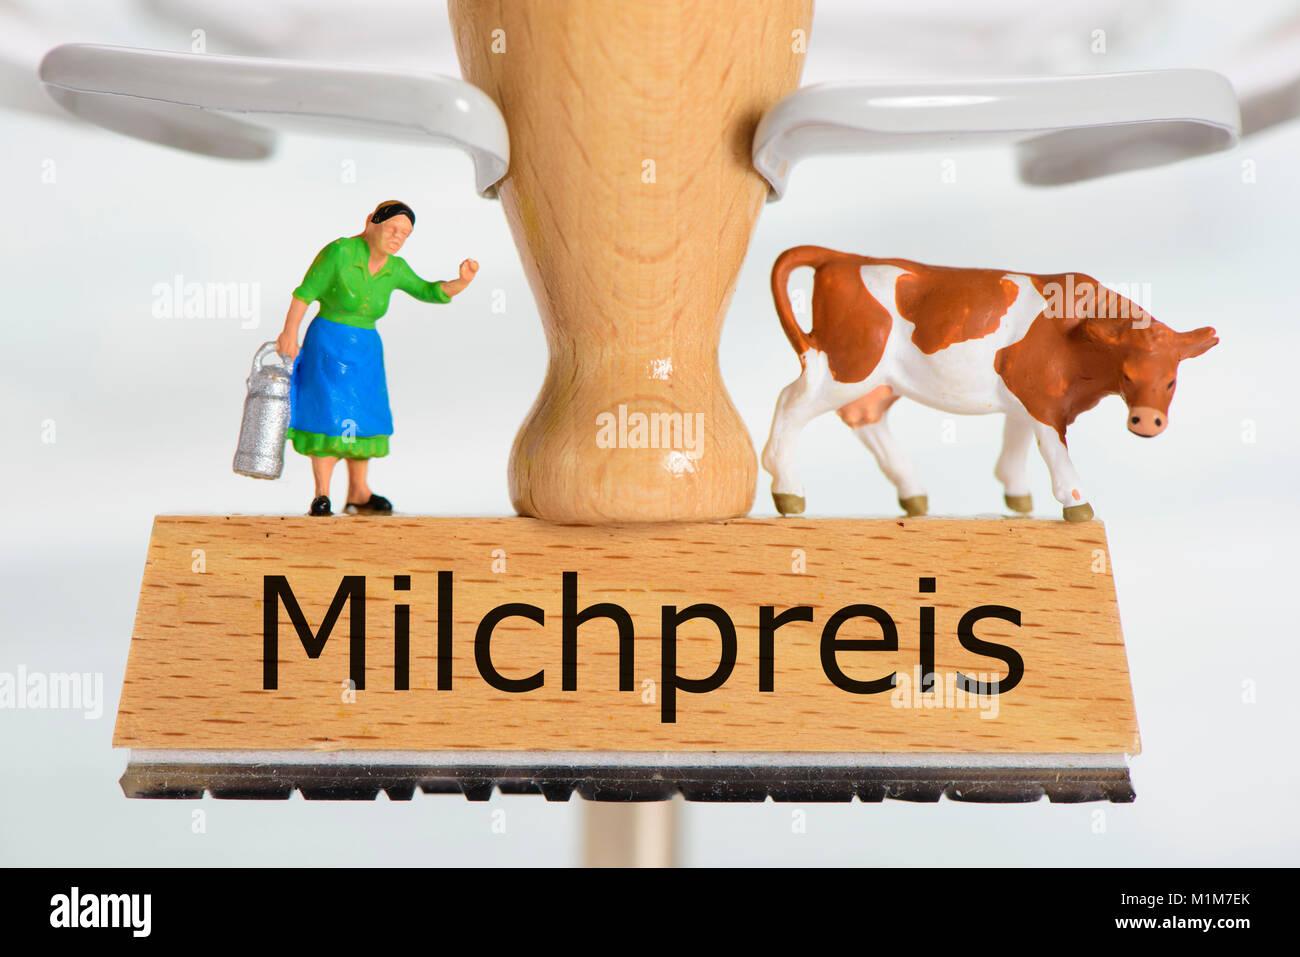 Milchpreis auf Holzstempel mit Bäuerin und Milchkuh Stock Photo